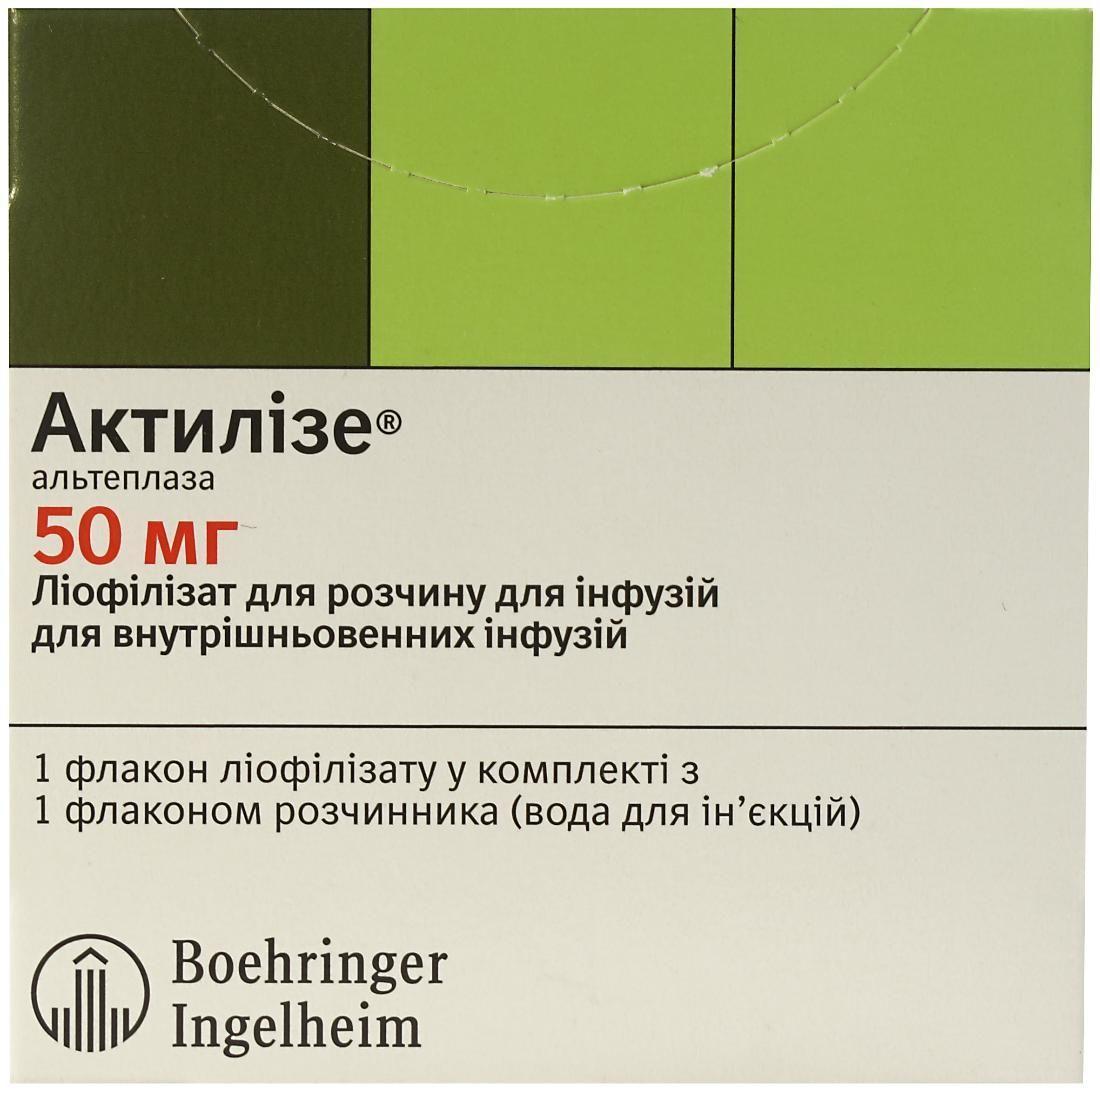 Актилизе 50 мг №1 лиофилизат для приготовления раствора для инфузий_6008149052f61.jpeg